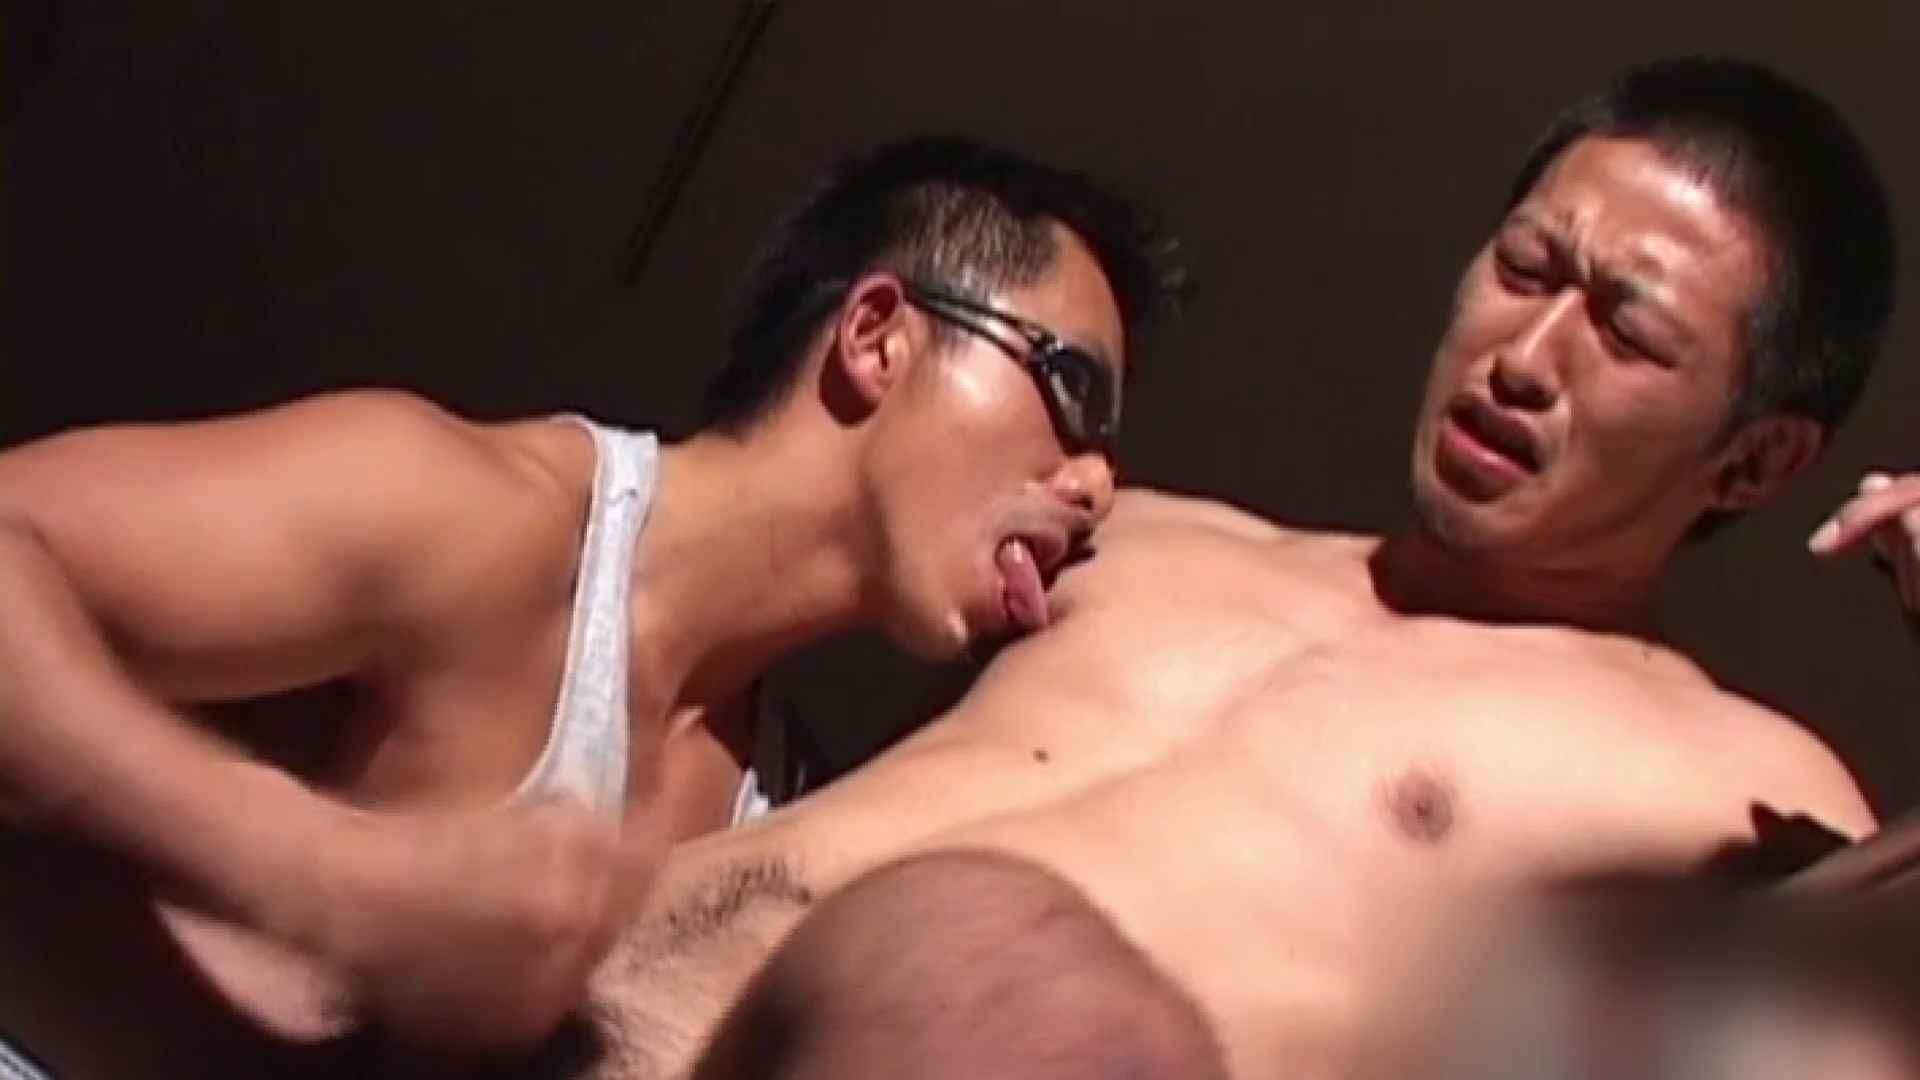 珍肉も筋肉の内!!vol.1 男まつり ゲイ無修正ビデオ画像 86枚 17